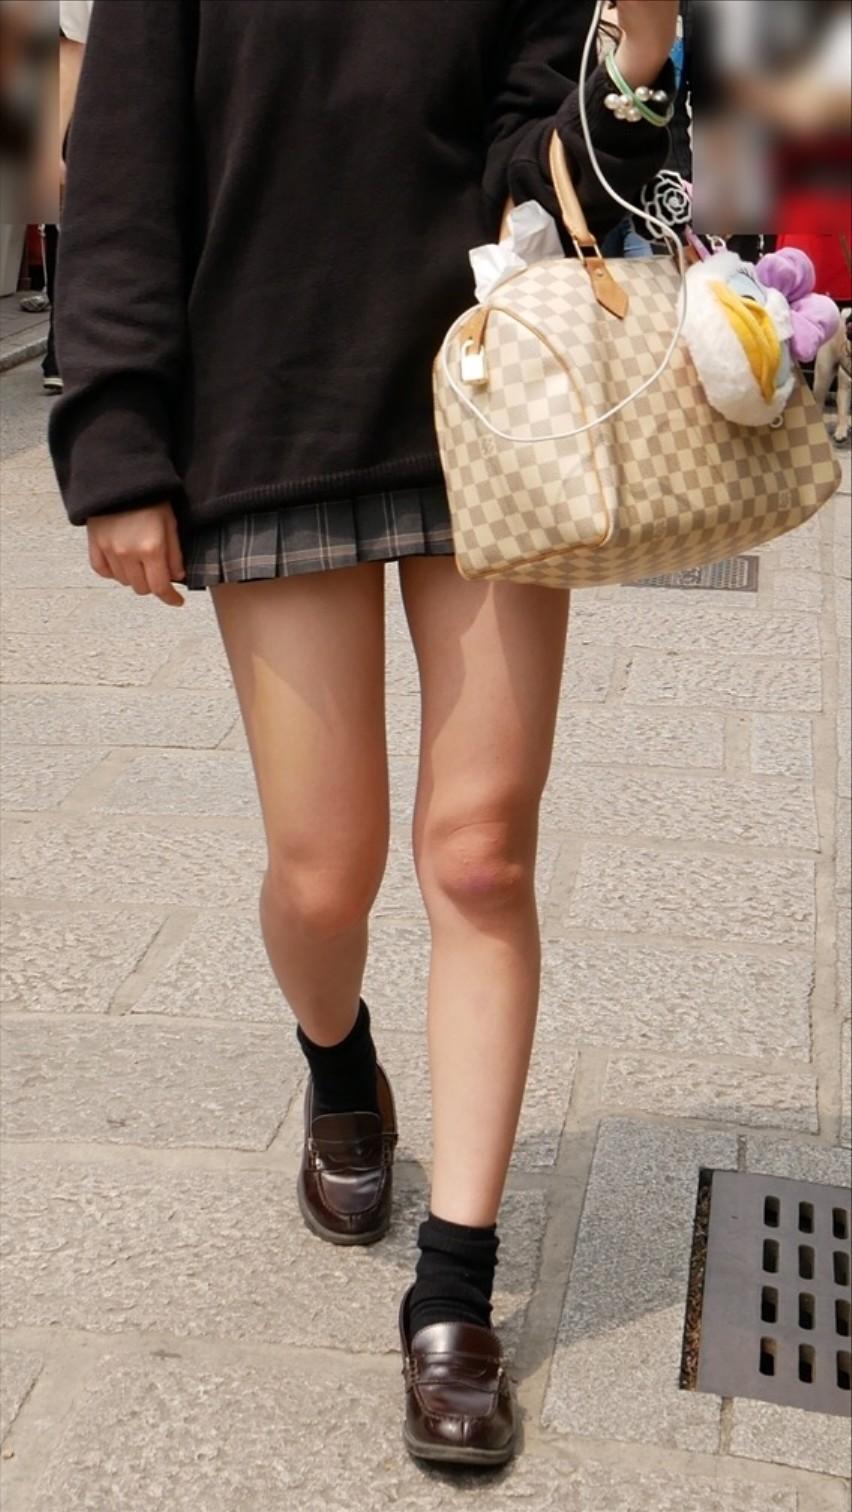 急に飛び込んでくる街中で見る美脚女子のエロ画像33枚・18枚目の画像